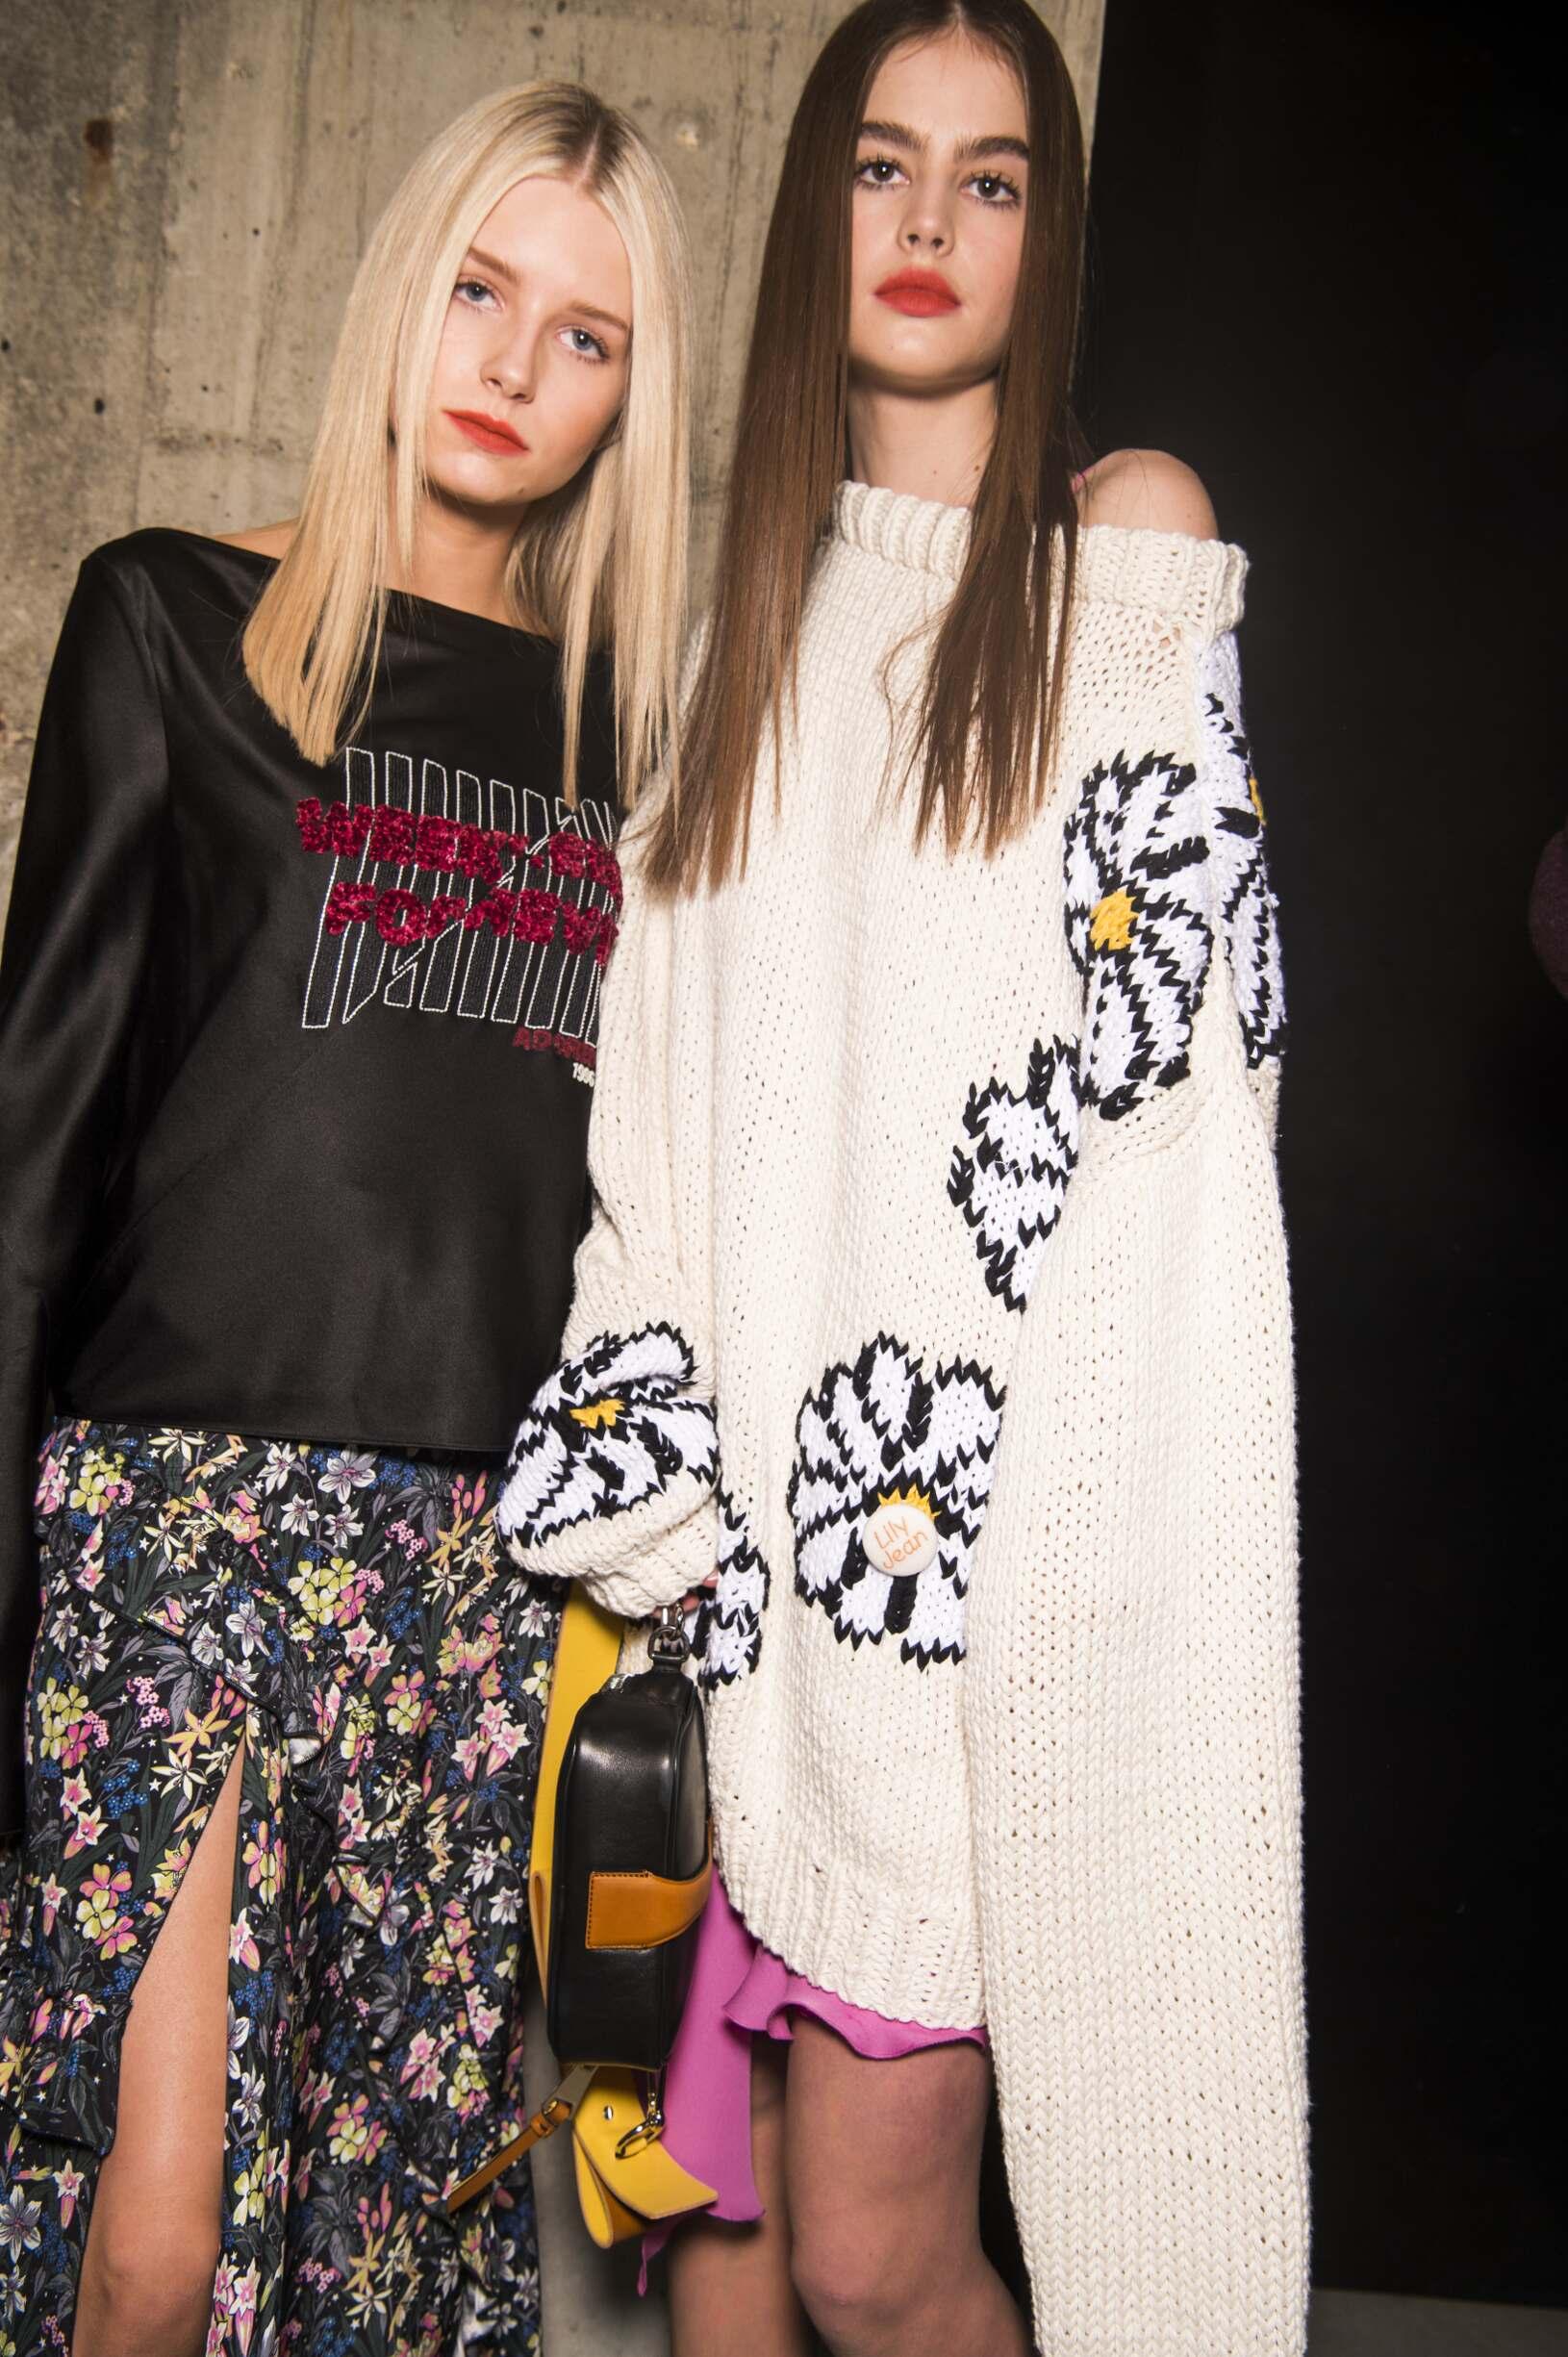 Topshop Unique Backstage Fashion Models FW 2017-18